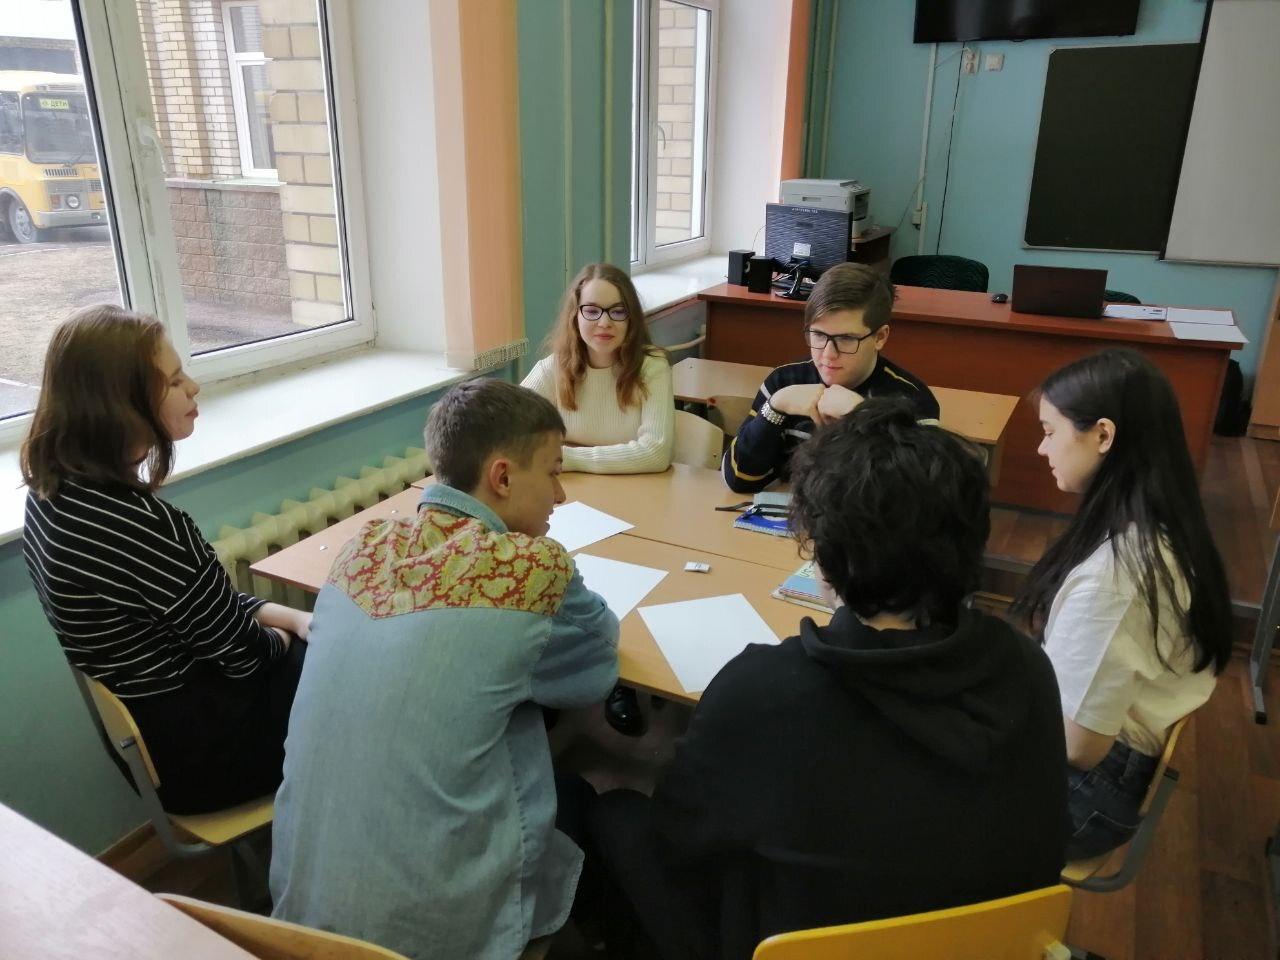 Интенсивный курс по подготовке сборной команды Республики Башкортостан к окружному этапу Интеллектуальной Олимпиады Приволжского федерального округа среди школьников в 2020-2021 учебном году